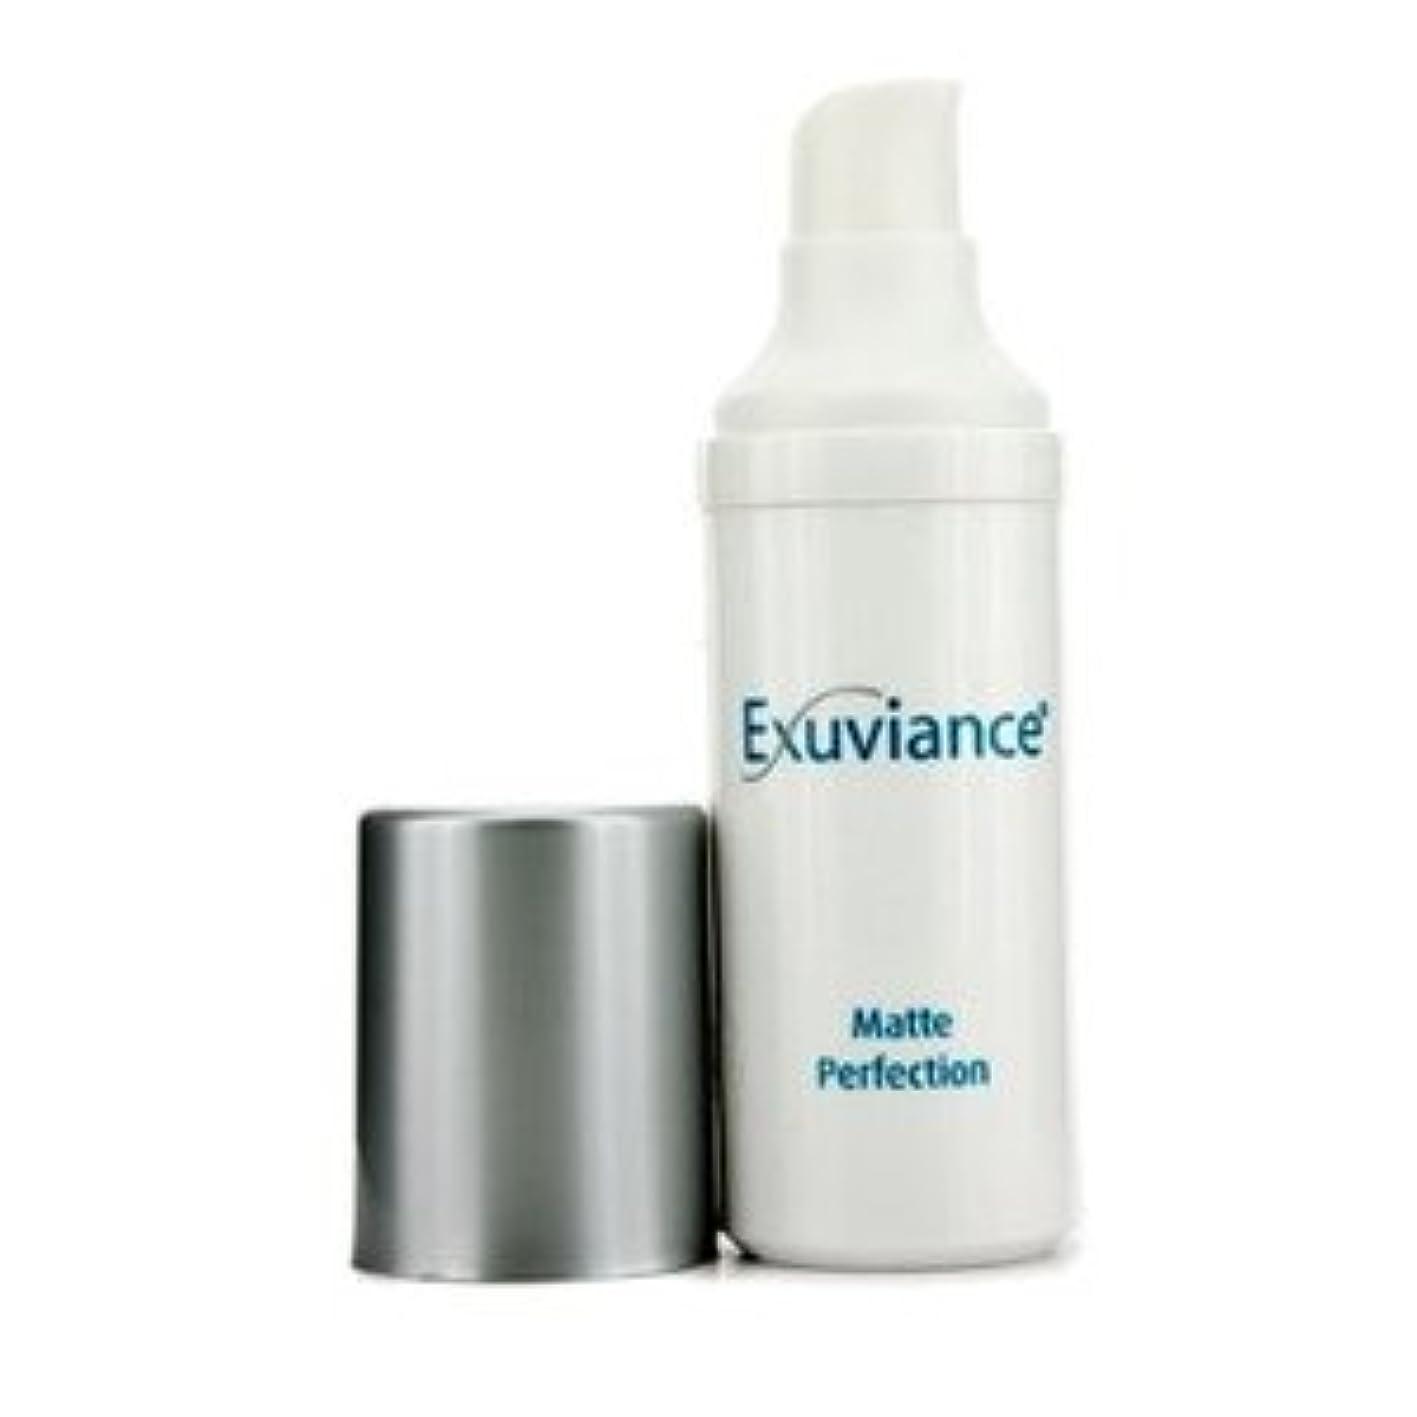 成熟した低い与えるエクスビアンス(Exuviance) マット パーフェクション 30g/1oz [並行輸入品]